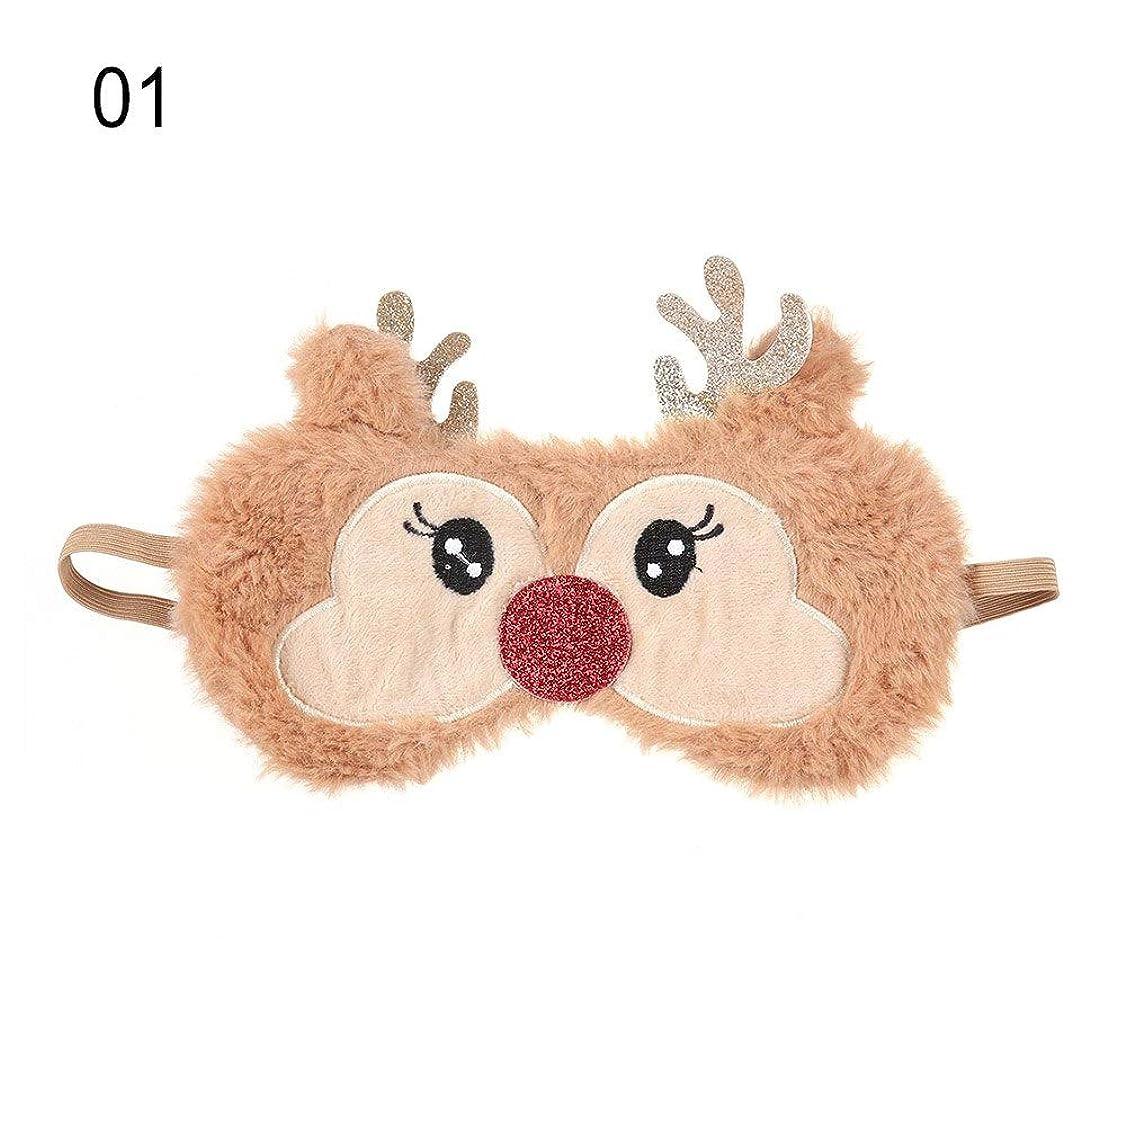 許すバイアス暖かさNOTE クリスマス鹿アイカバーぬいぐるみ生地睡眠マスクナチュラル睡眠アイマスクアイシェードかわいいアイシェードパッチ用クリスマスプレゼント